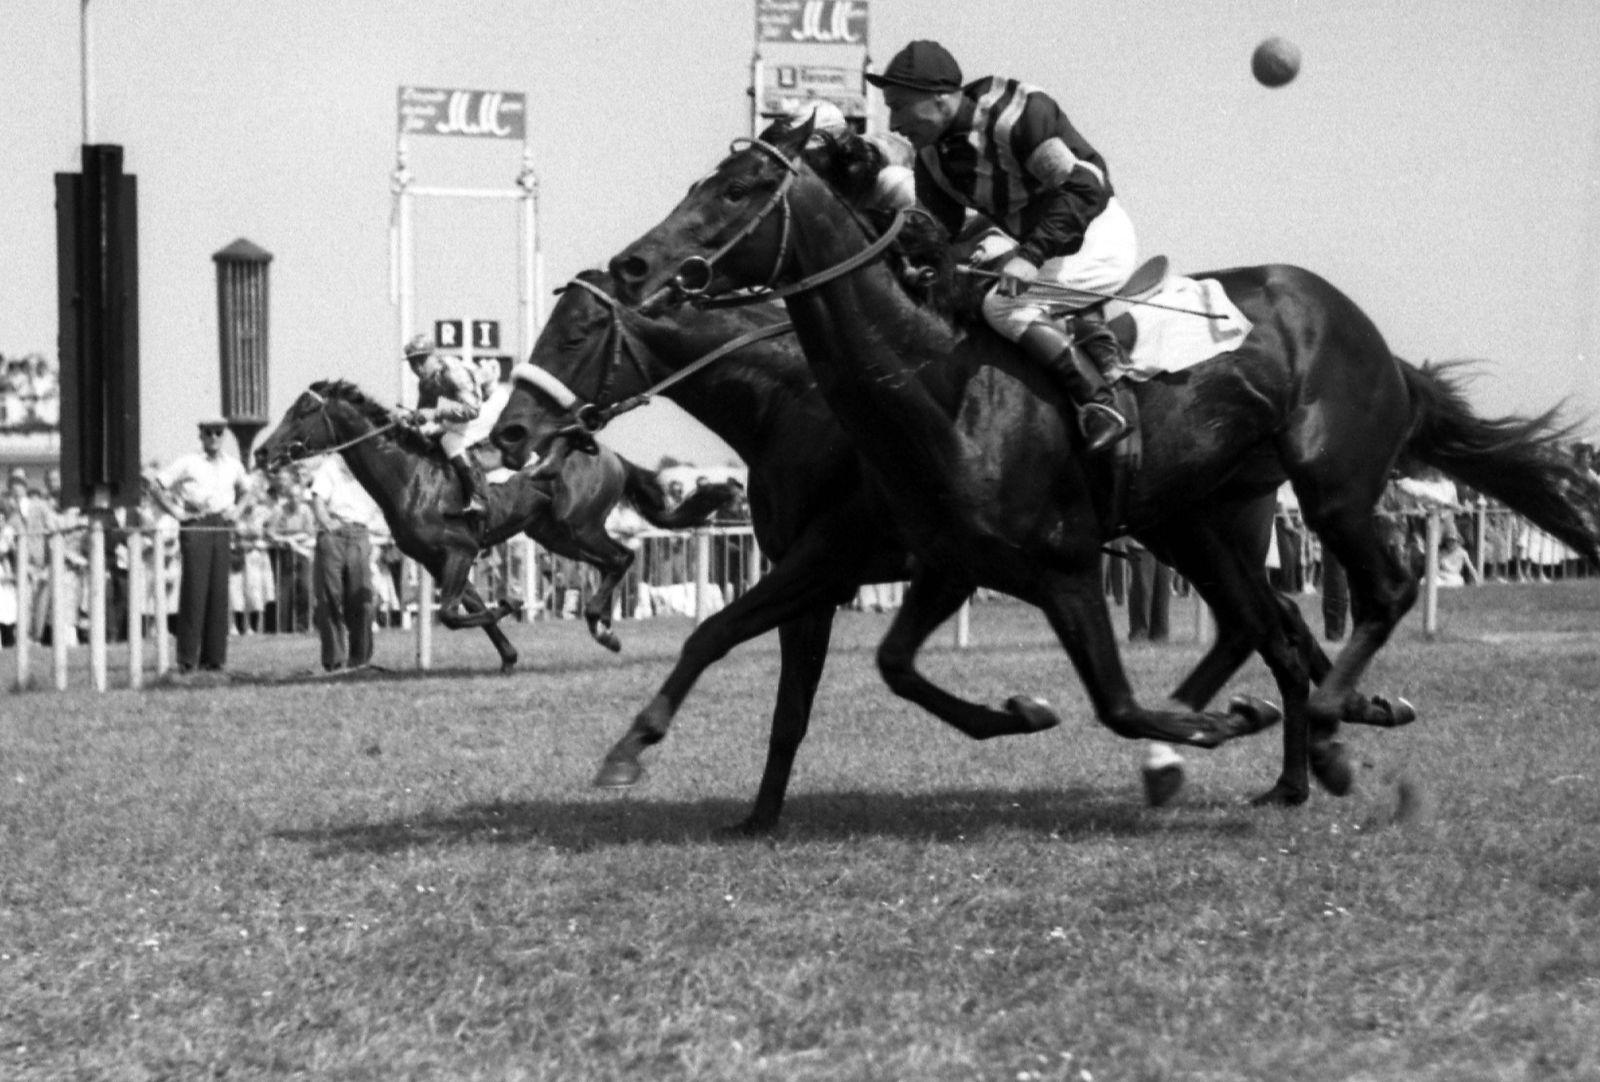 30.06.1957, Hamburg, Hansestadt Hamburg, GER - Brummer mit Hein Bollow (aussen) gewinnt das Investment-Rennen. Galoppre